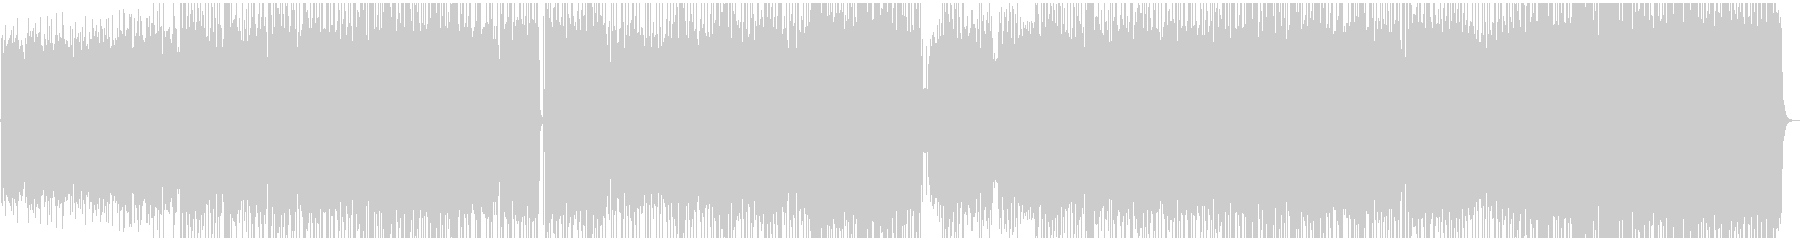 エレキギターの疾走感あるリフの未再生の波形